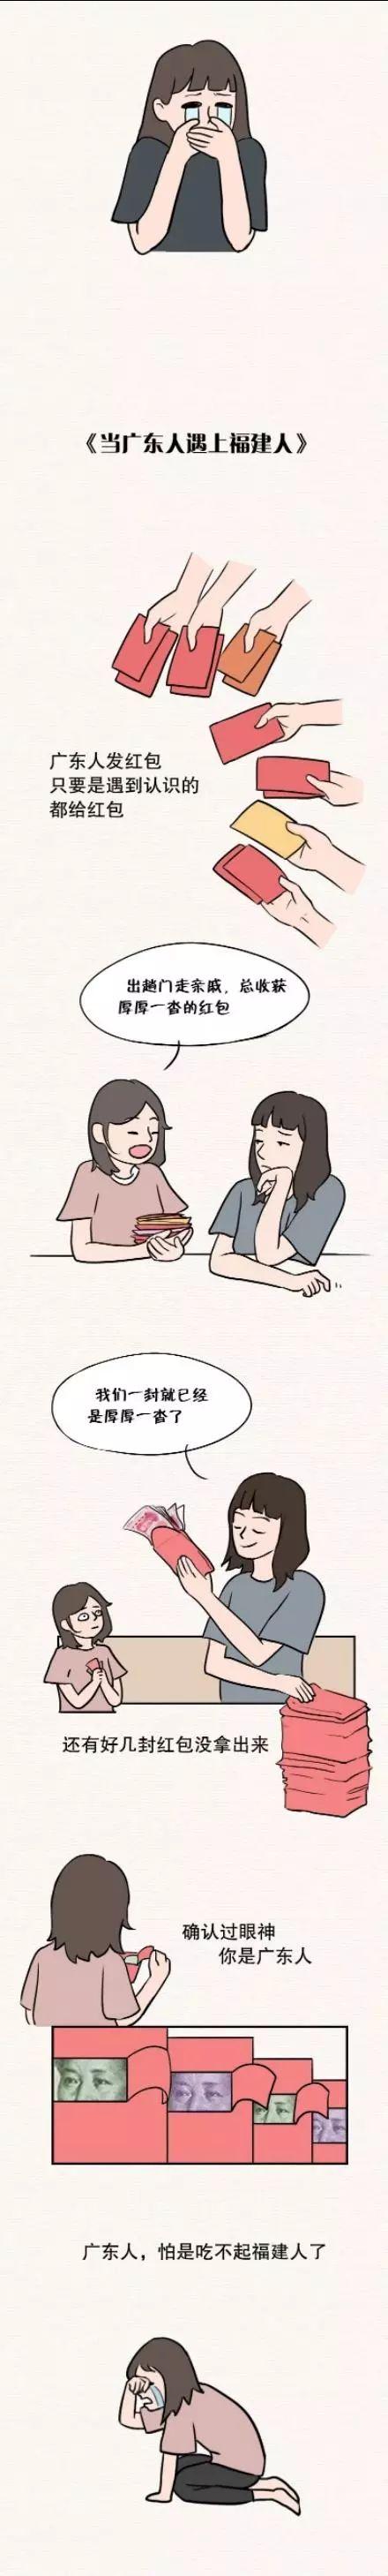 当广东人遇到-短篇漫画